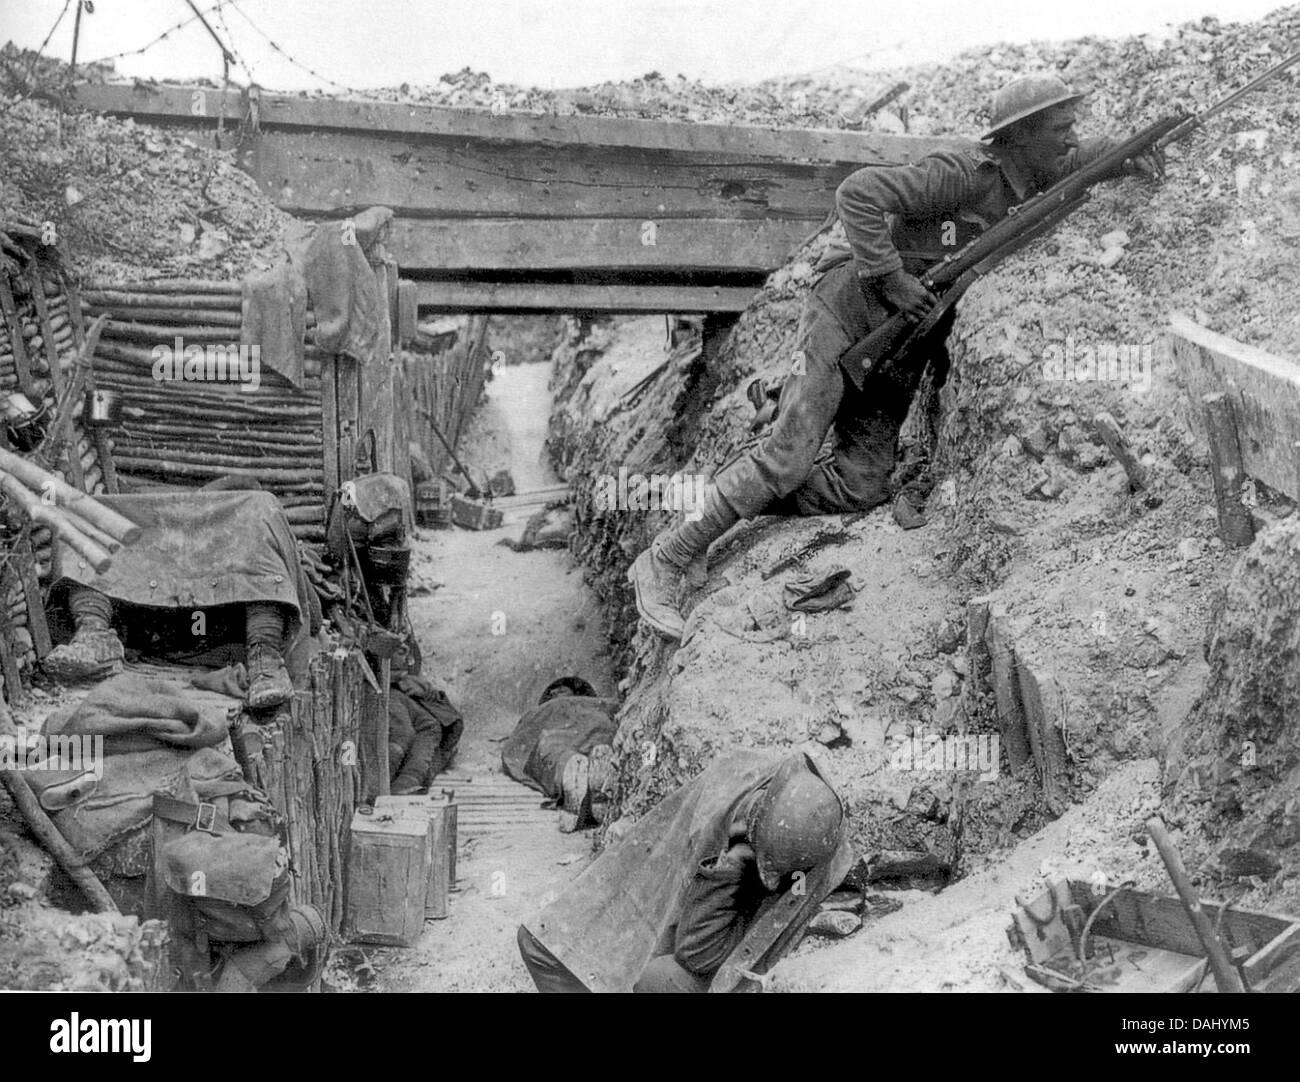 CHESHIRE REGIMENT Des soldats d'une compagnie,11e bataillon, à Ovilliers-la-Boiselle, pendant la bataille Photo Stock